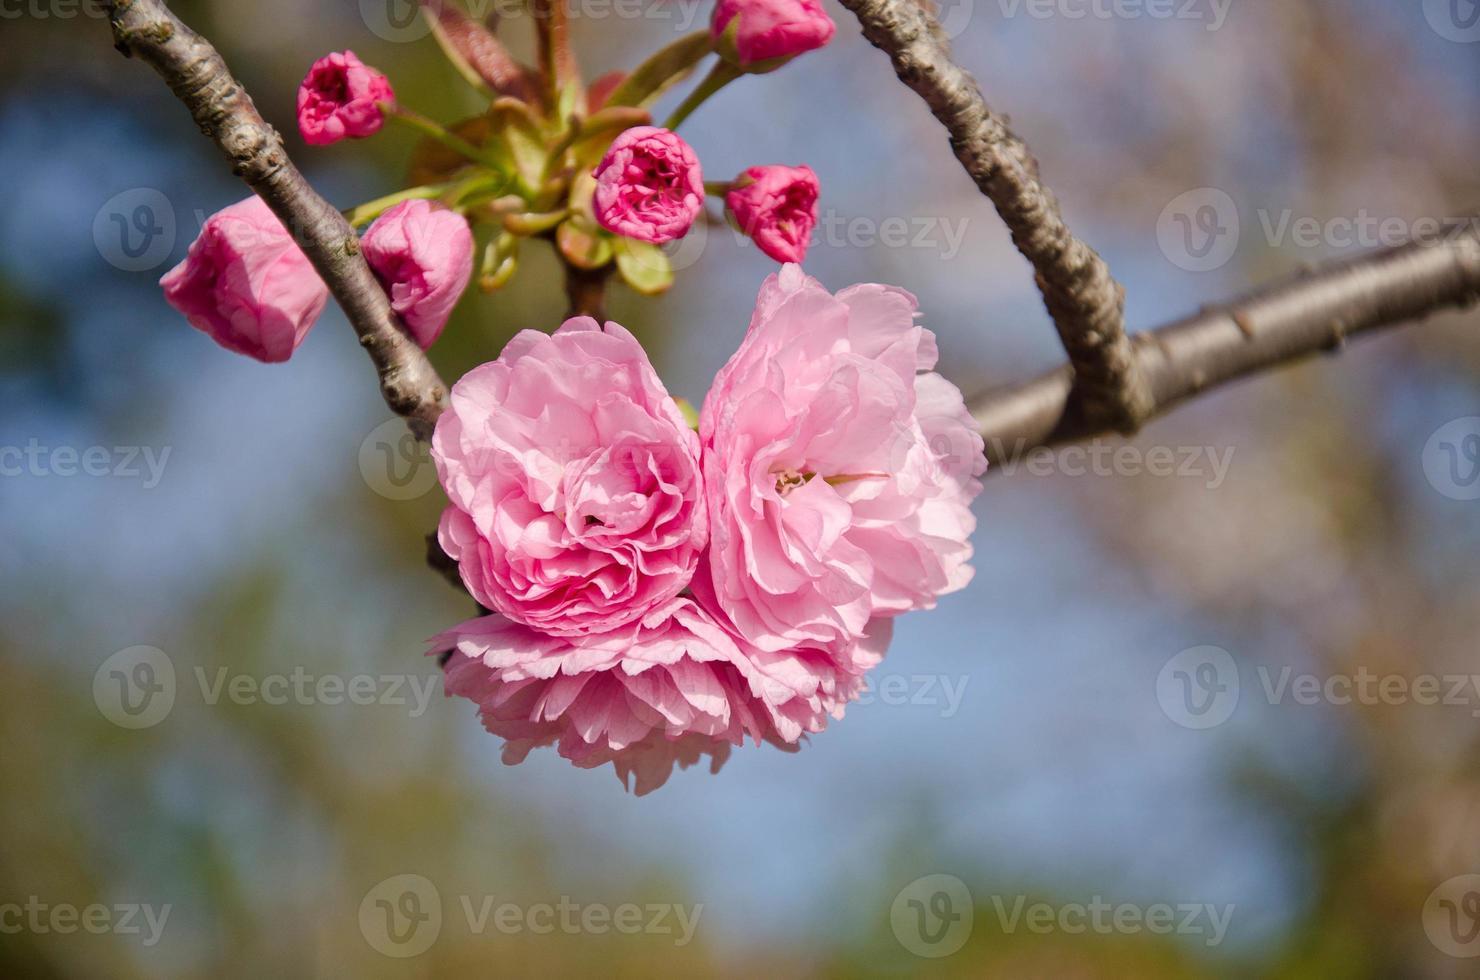 sakura: fiore di ciliegio sull'albero foto